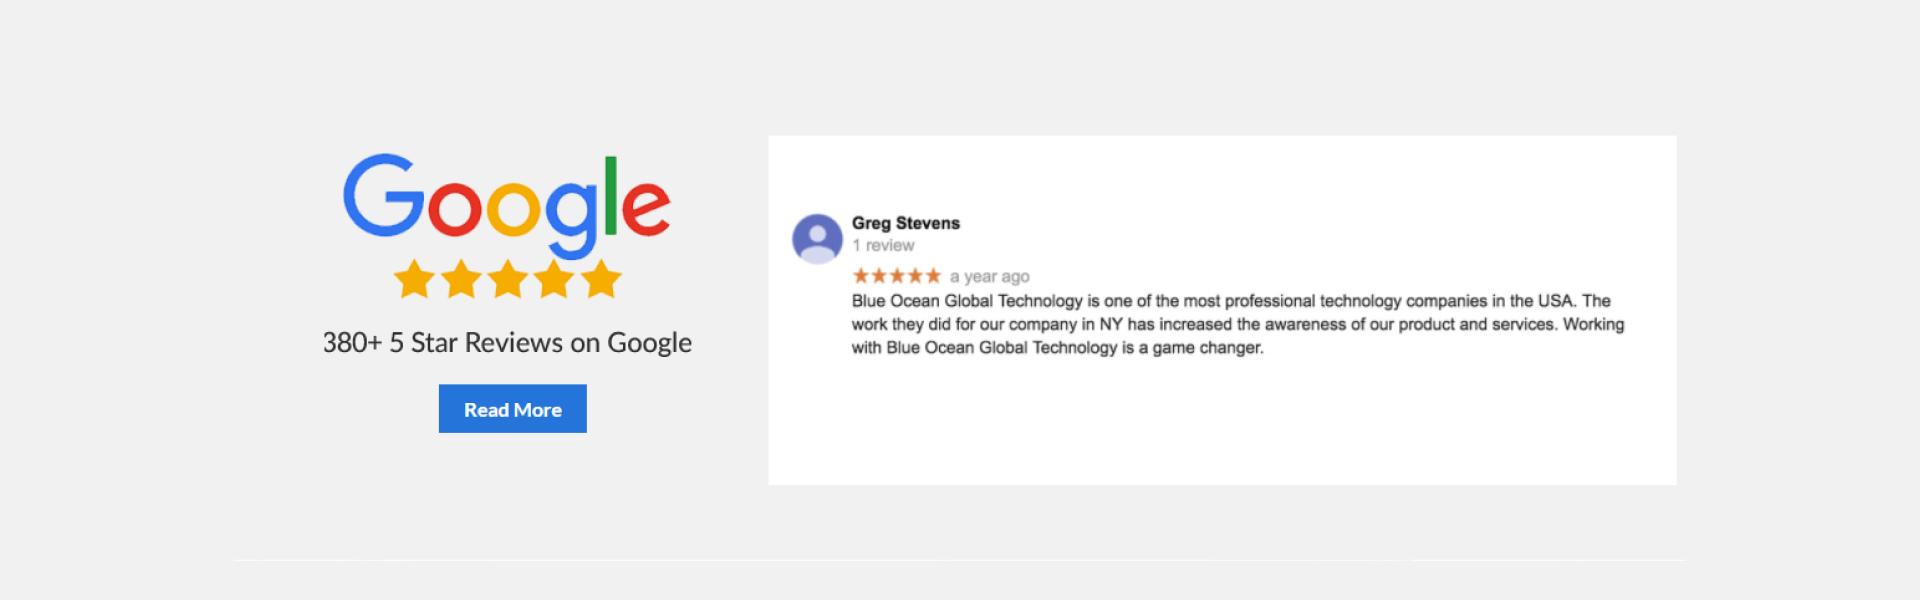 Google Customer Reviews - Blue Ocean Global Technology